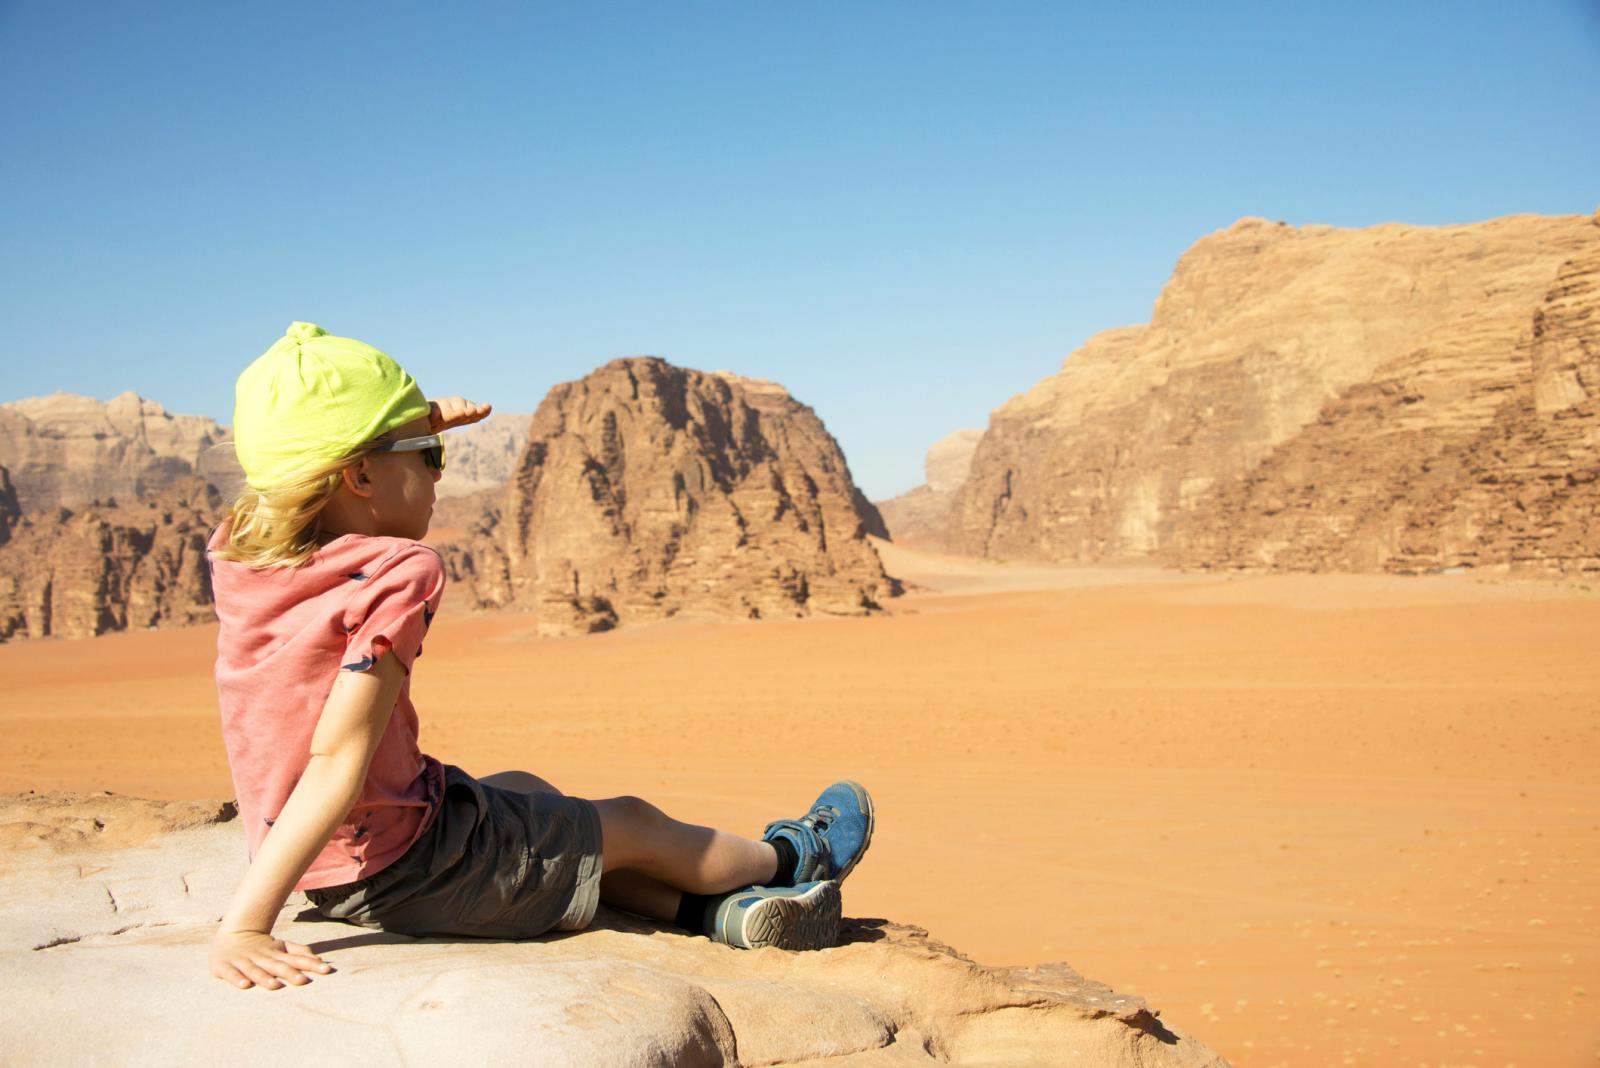 Boy in desert landscape of Wadi Rum